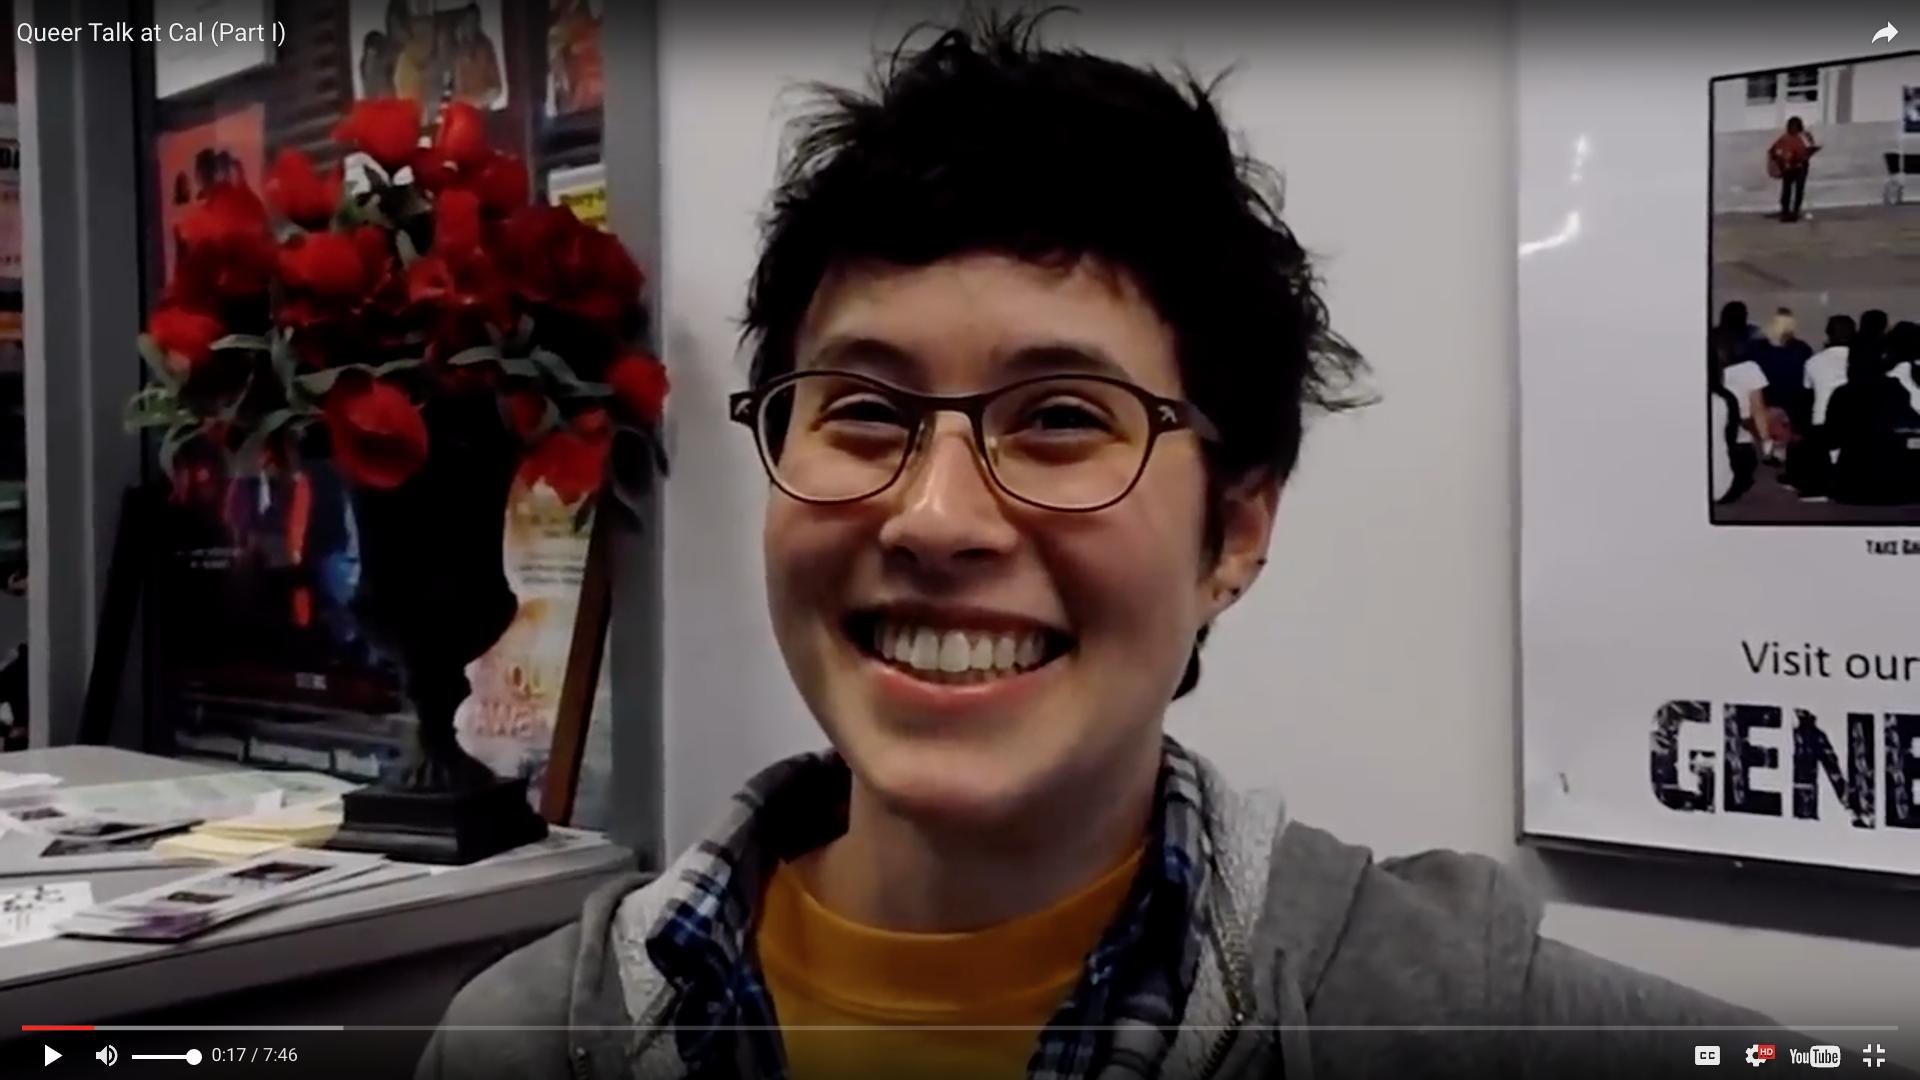 Queer Talk at Cal Part I Video Screenshot